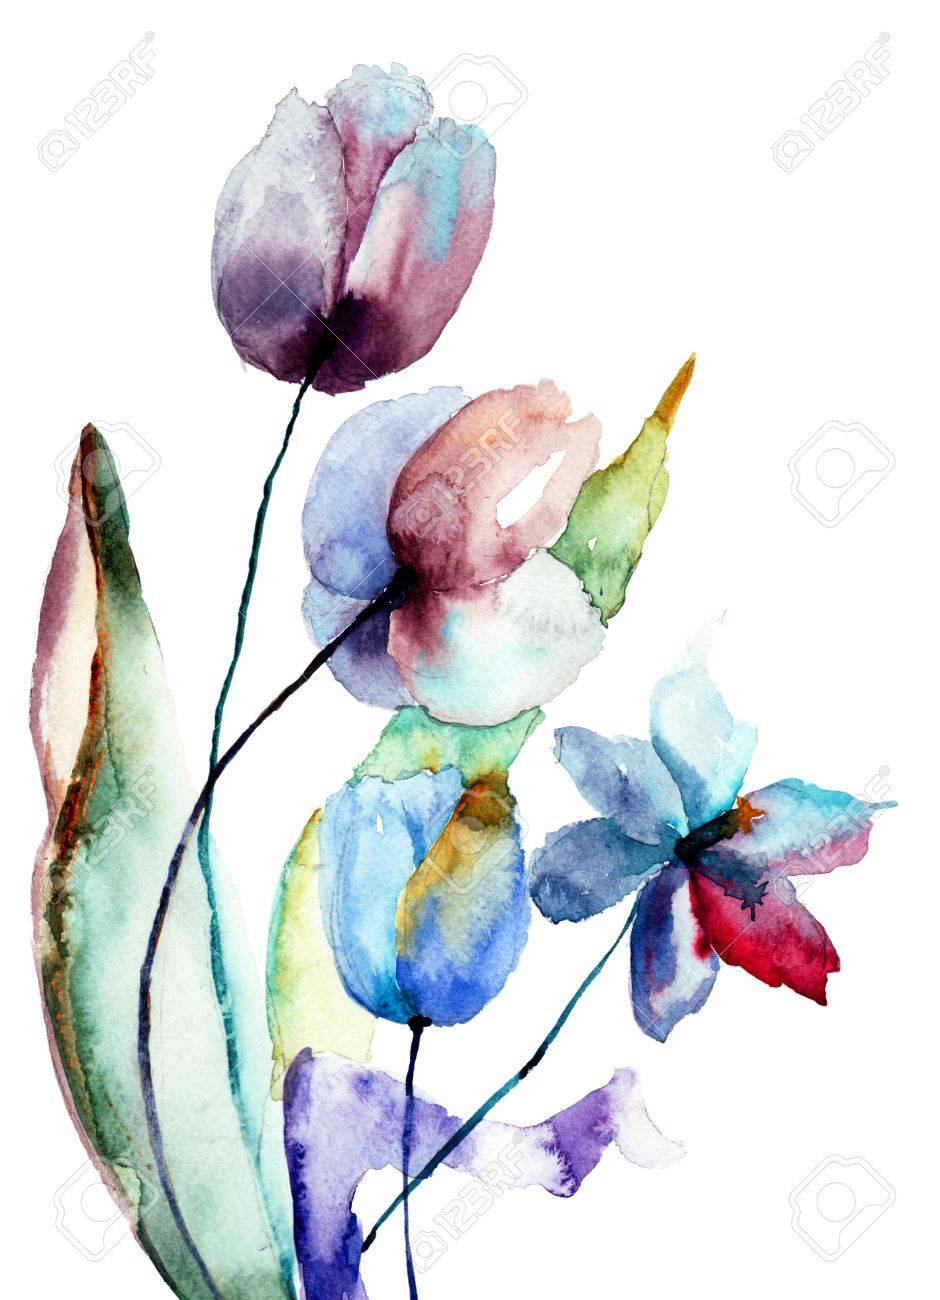 Fleurs stylisées, illustration daquarelle Banque dimages , 19497533